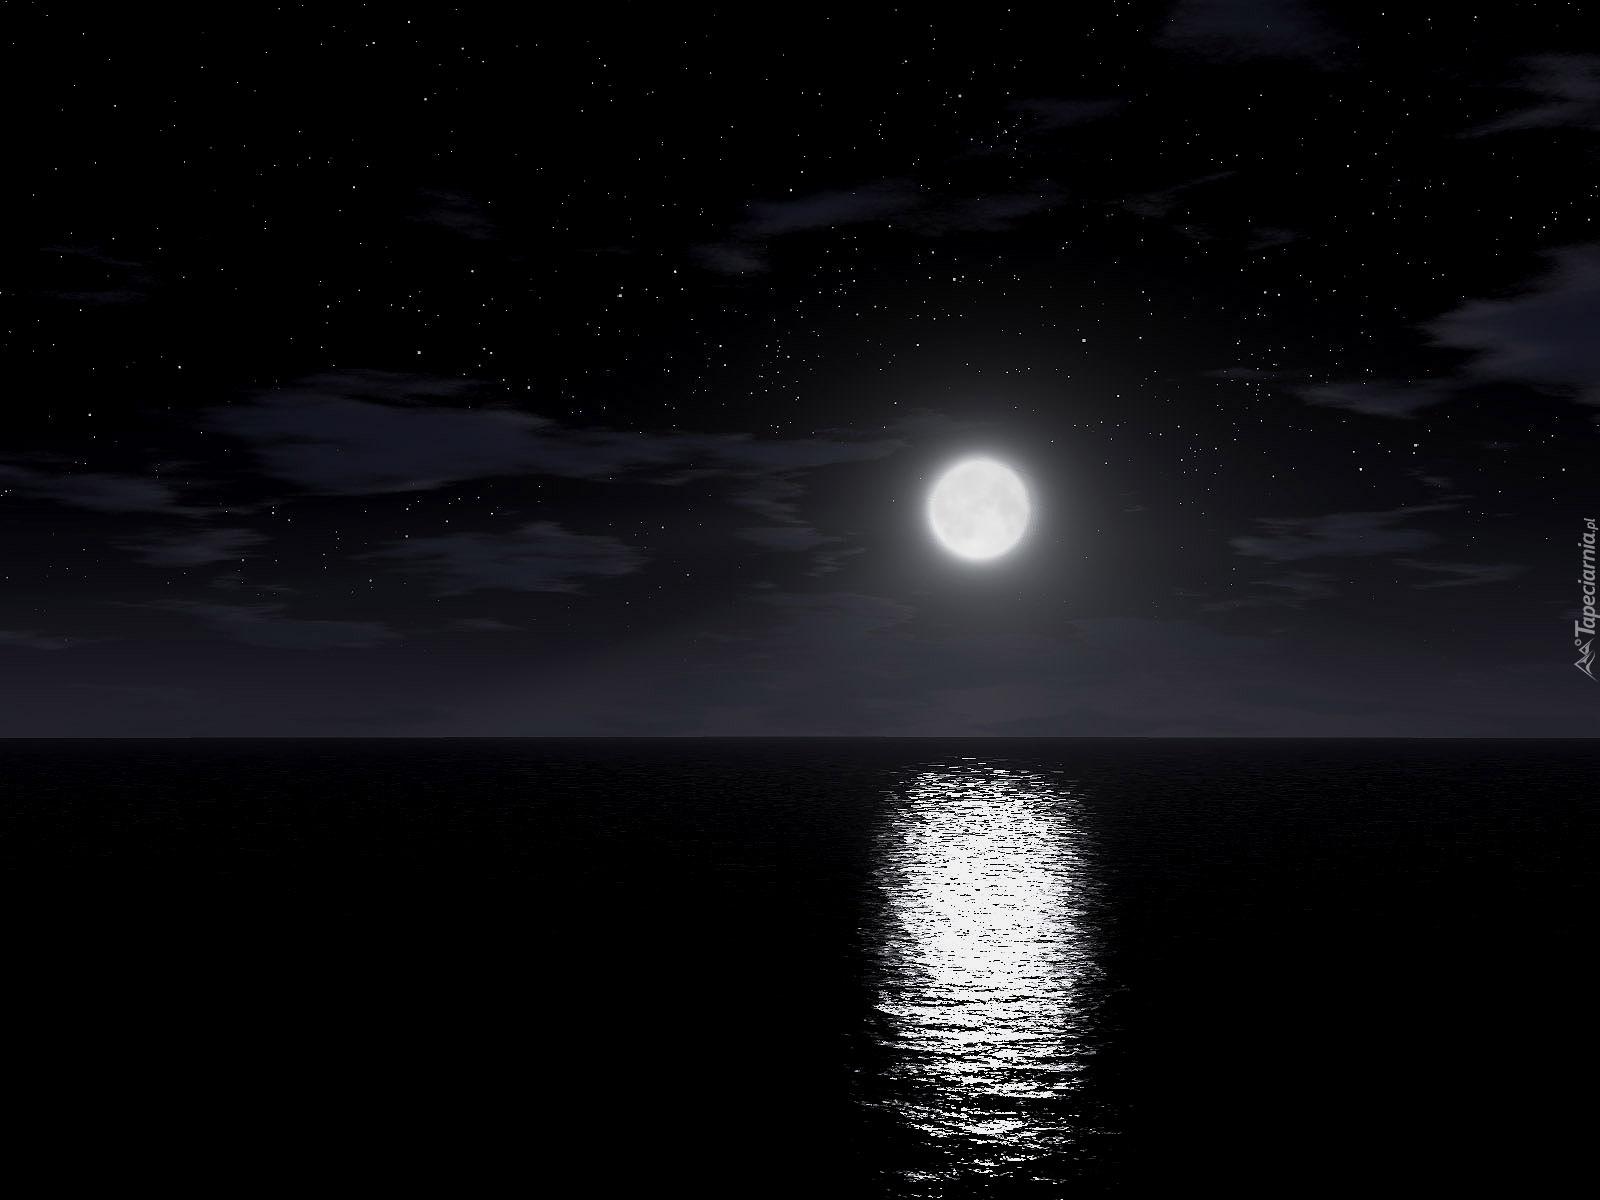 بالصور صور للقمر , احلى الصور لمشهد القمر 4154 2